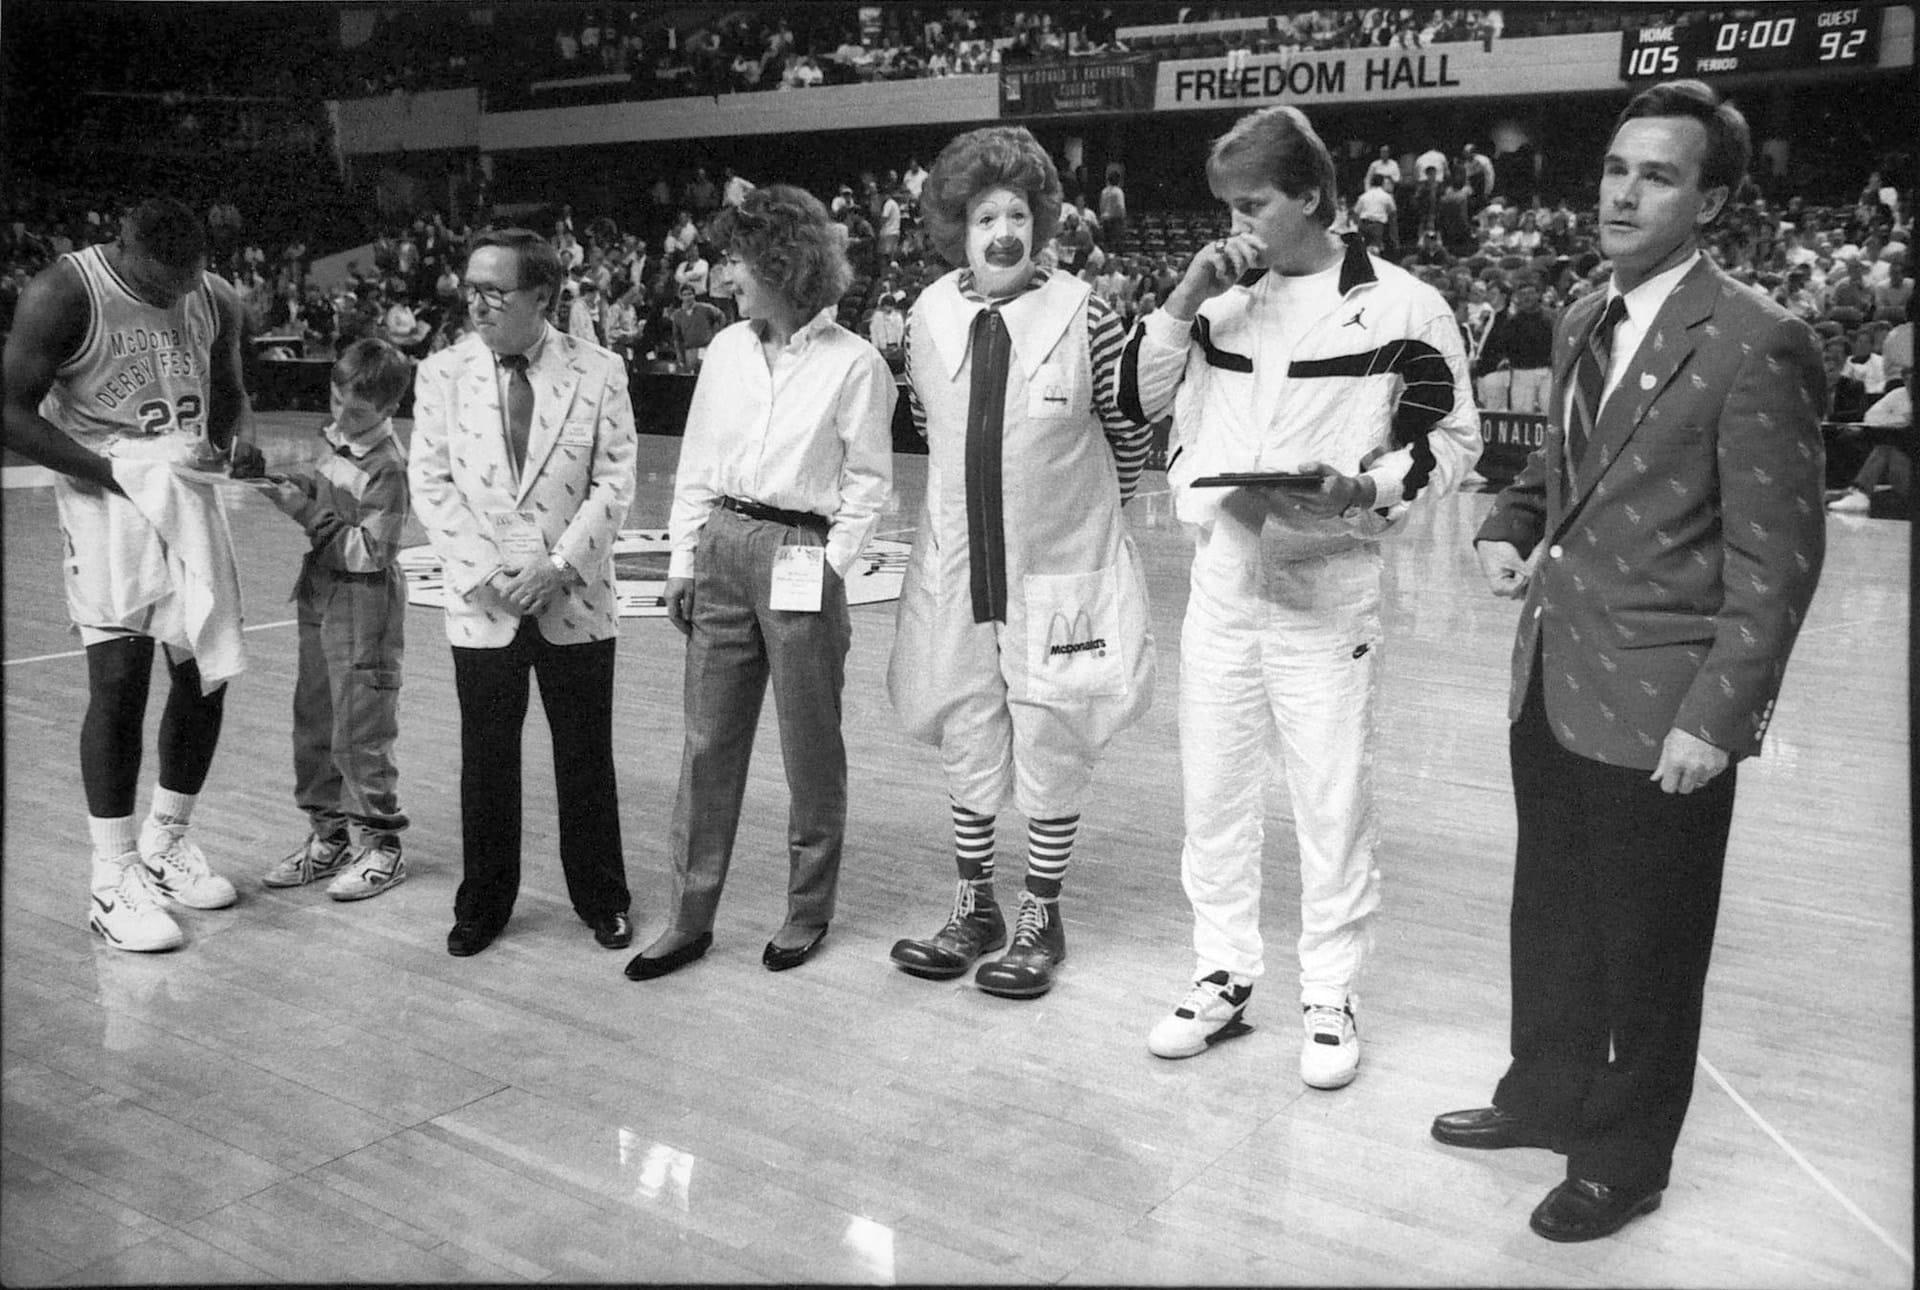 Clown, Kentucky Derby Festival, 1991